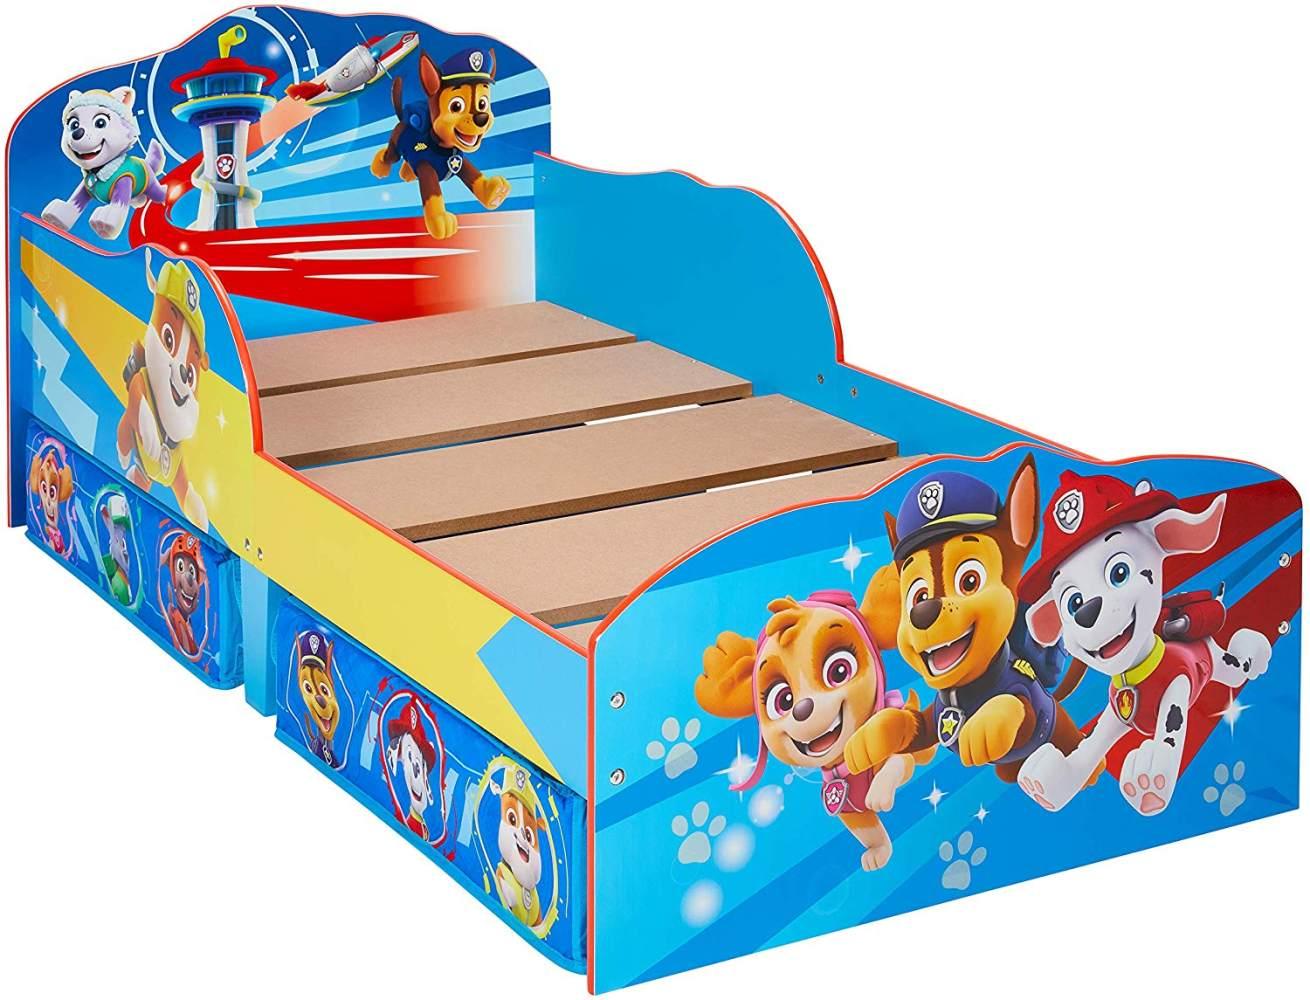 Moose Toys 'Paw Patrol' Kinderbett blau, 70 x 140 cm, mit Schubladen Bild 1